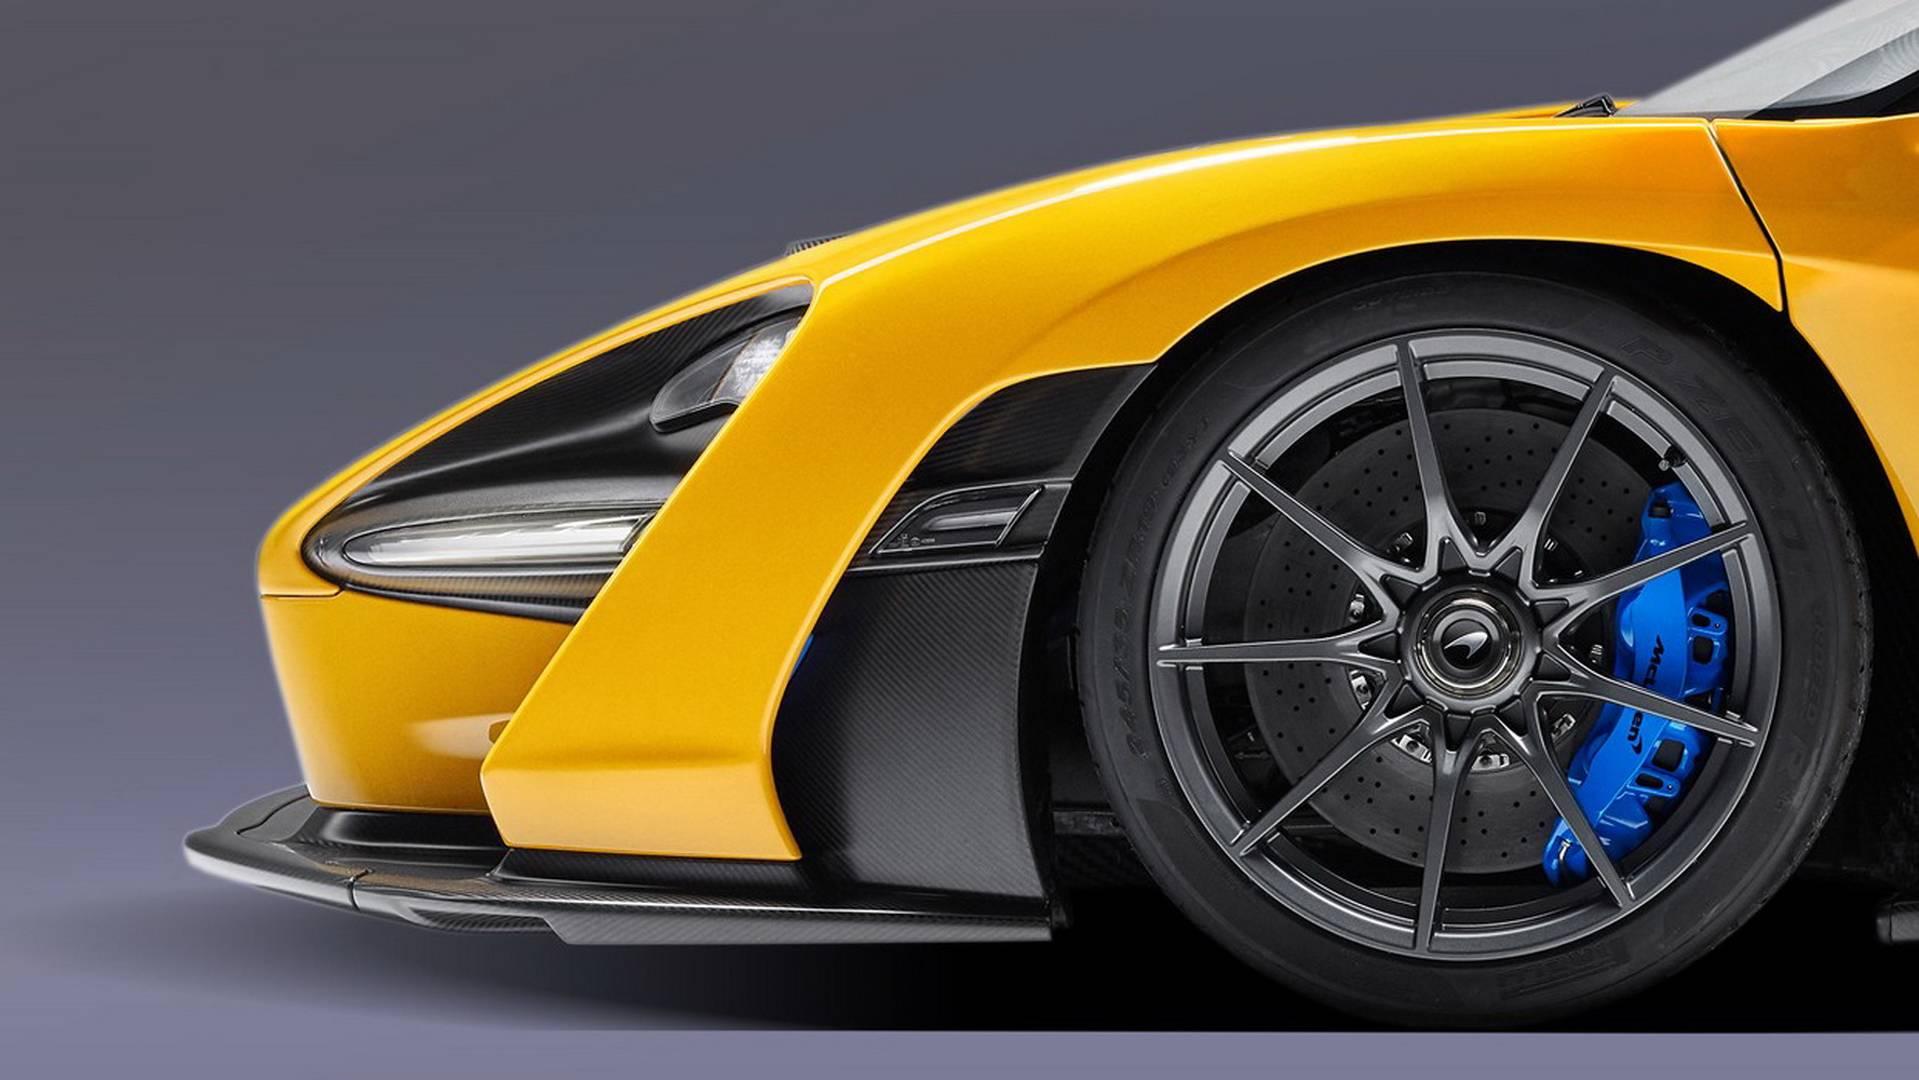 مک لارن سنا - اجاره ماشین - اجاره خودرو - کرایه ماشین